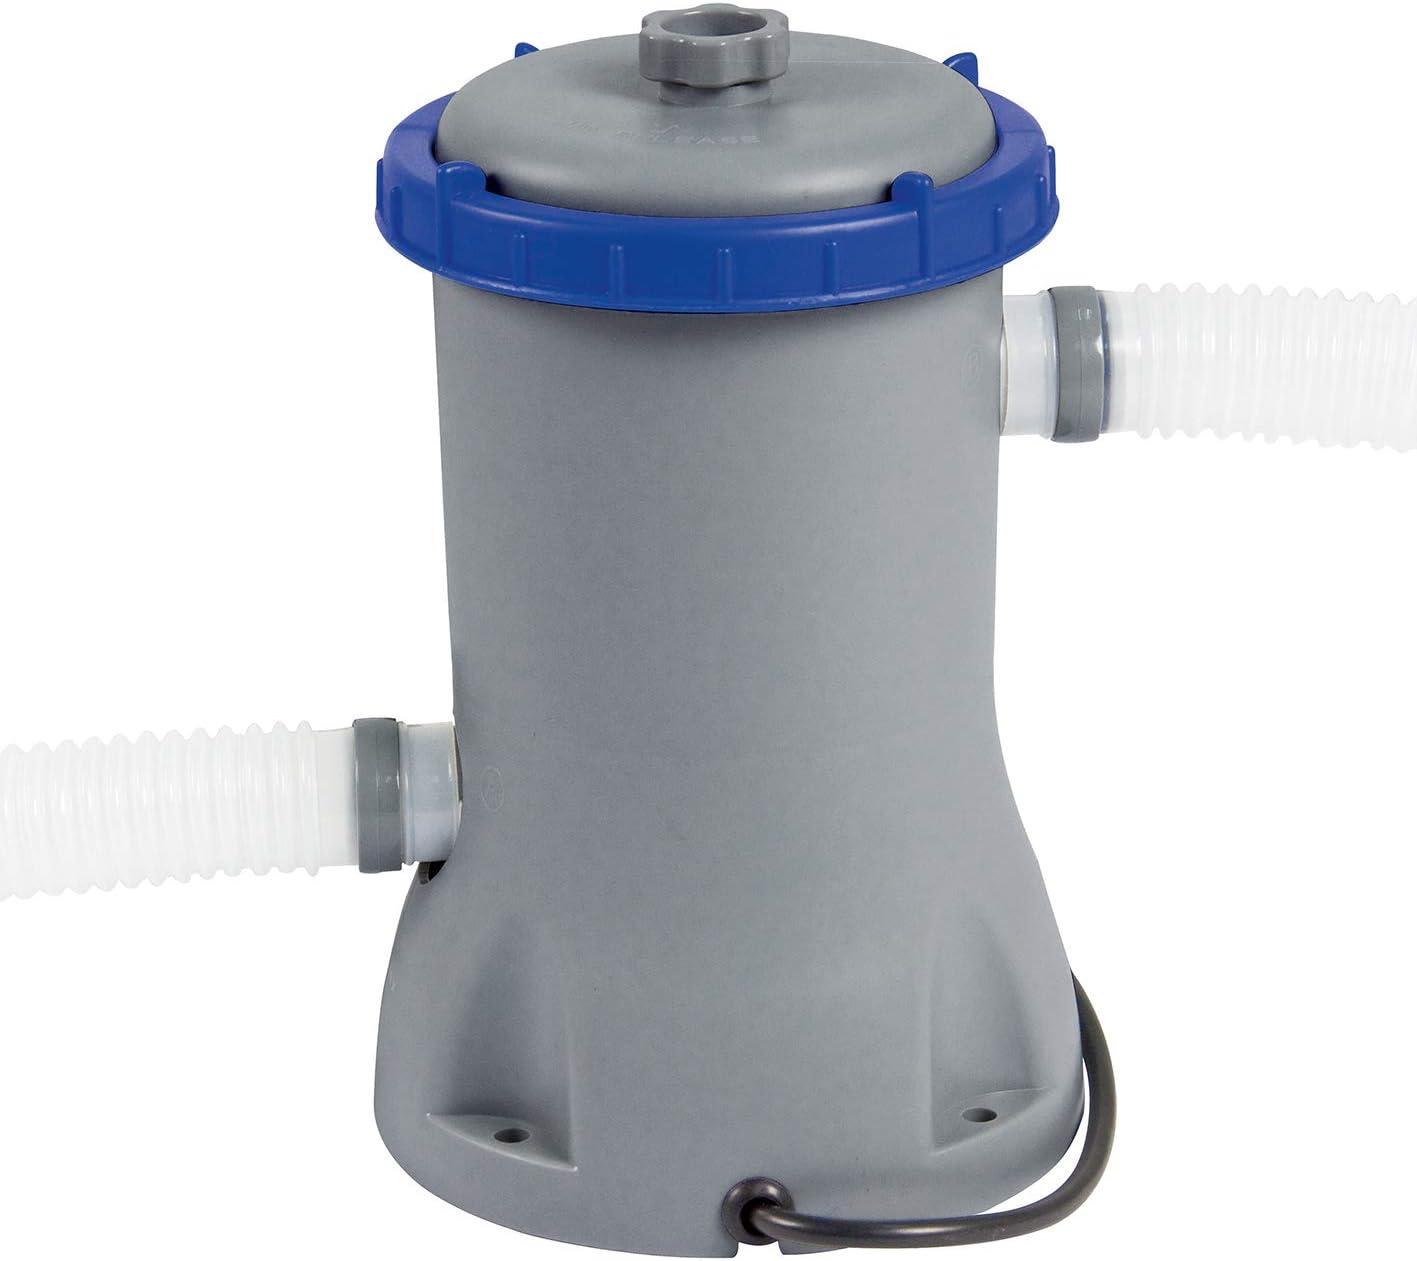 Depuradora de Filtro Cartucho Tipo II 2.006 litros//hora Conexi/ón 32 mm Bestway 58383